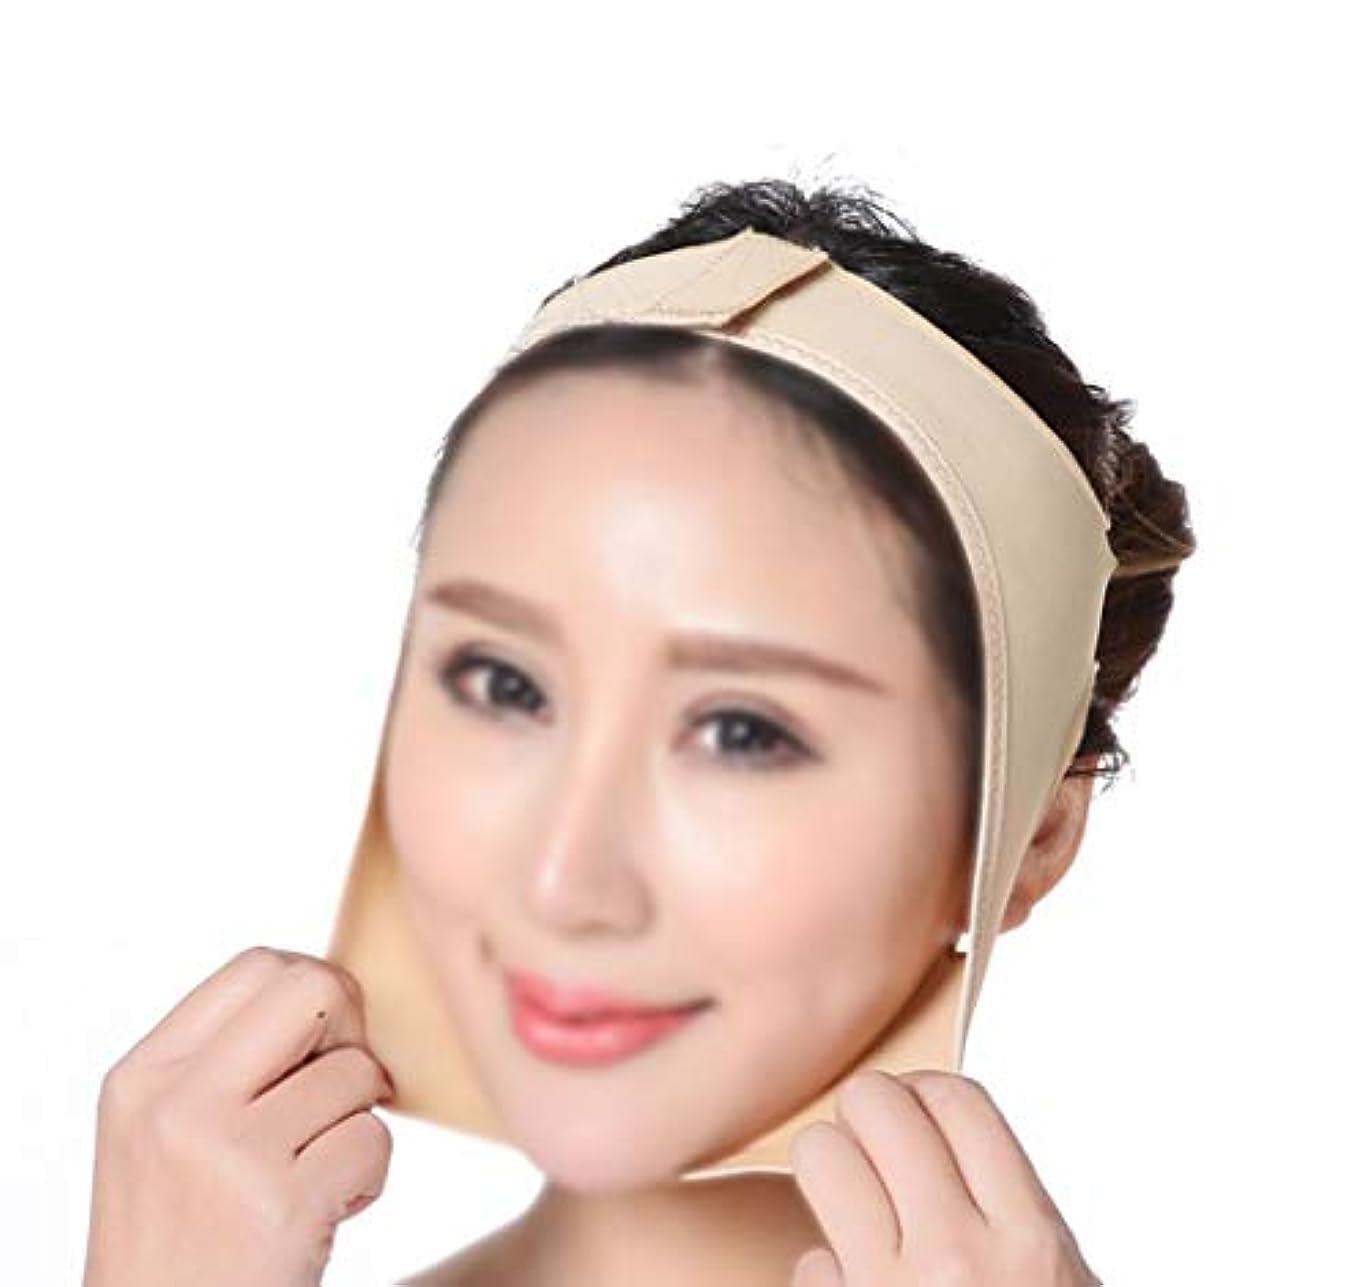 保証する頑固な見てXHLMRMJ 引き締めフェイスマスク、通気性フェイス包帯対フェイスデバイス睡眠薄いフェイスマスクフェイスマッサージ楽器フェイスリフティングフェイスリフティングツール (Size : XXL)